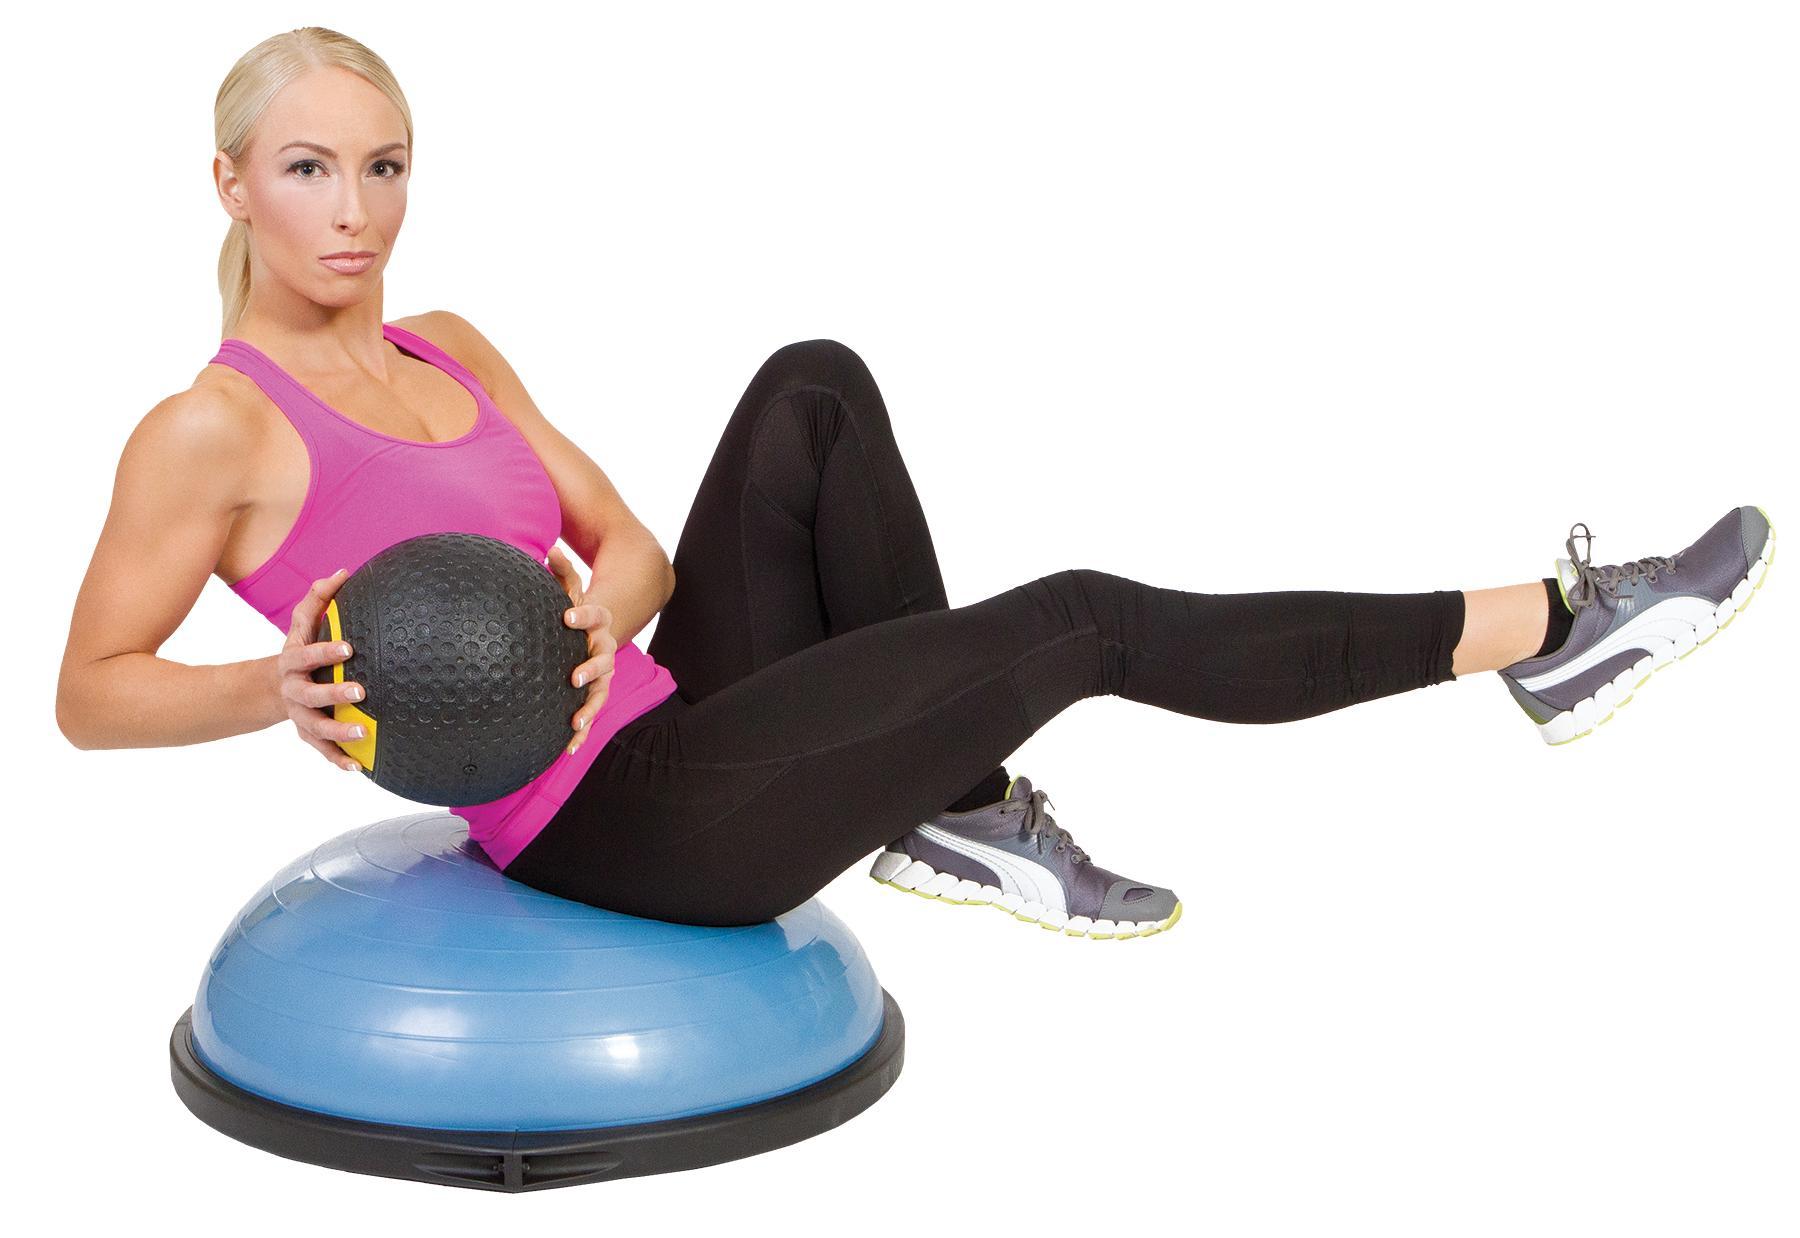 Amazon.com : Bosu Balance Trainer, 65cm - Blue : Exercise